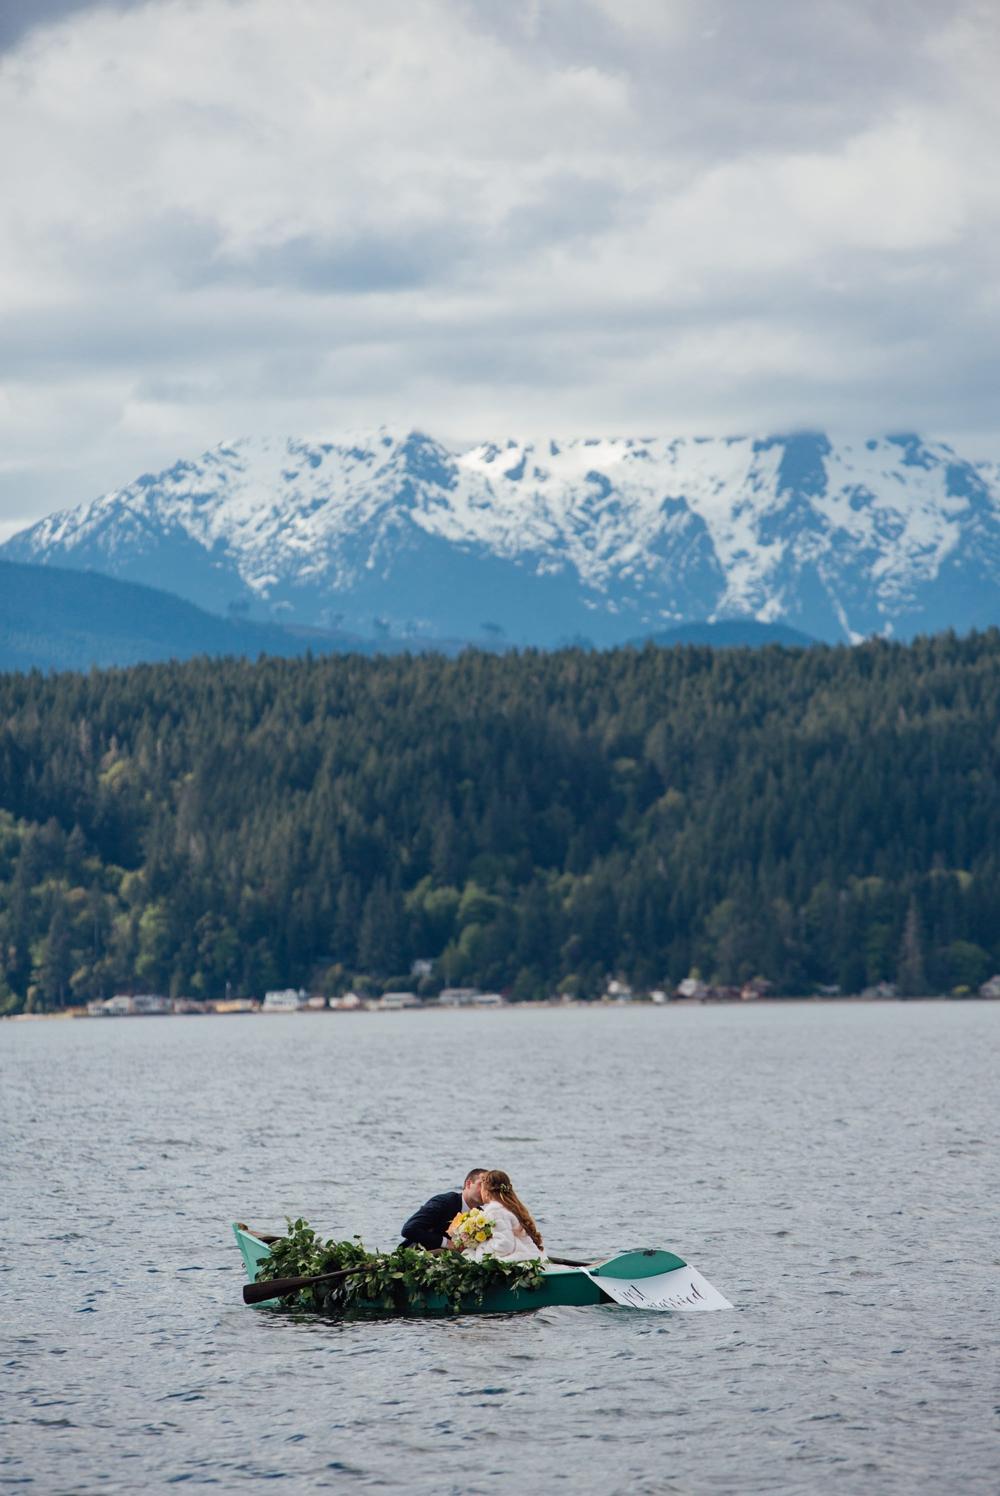 bride-and-groom-kissing-in-wedding-getaway-boat